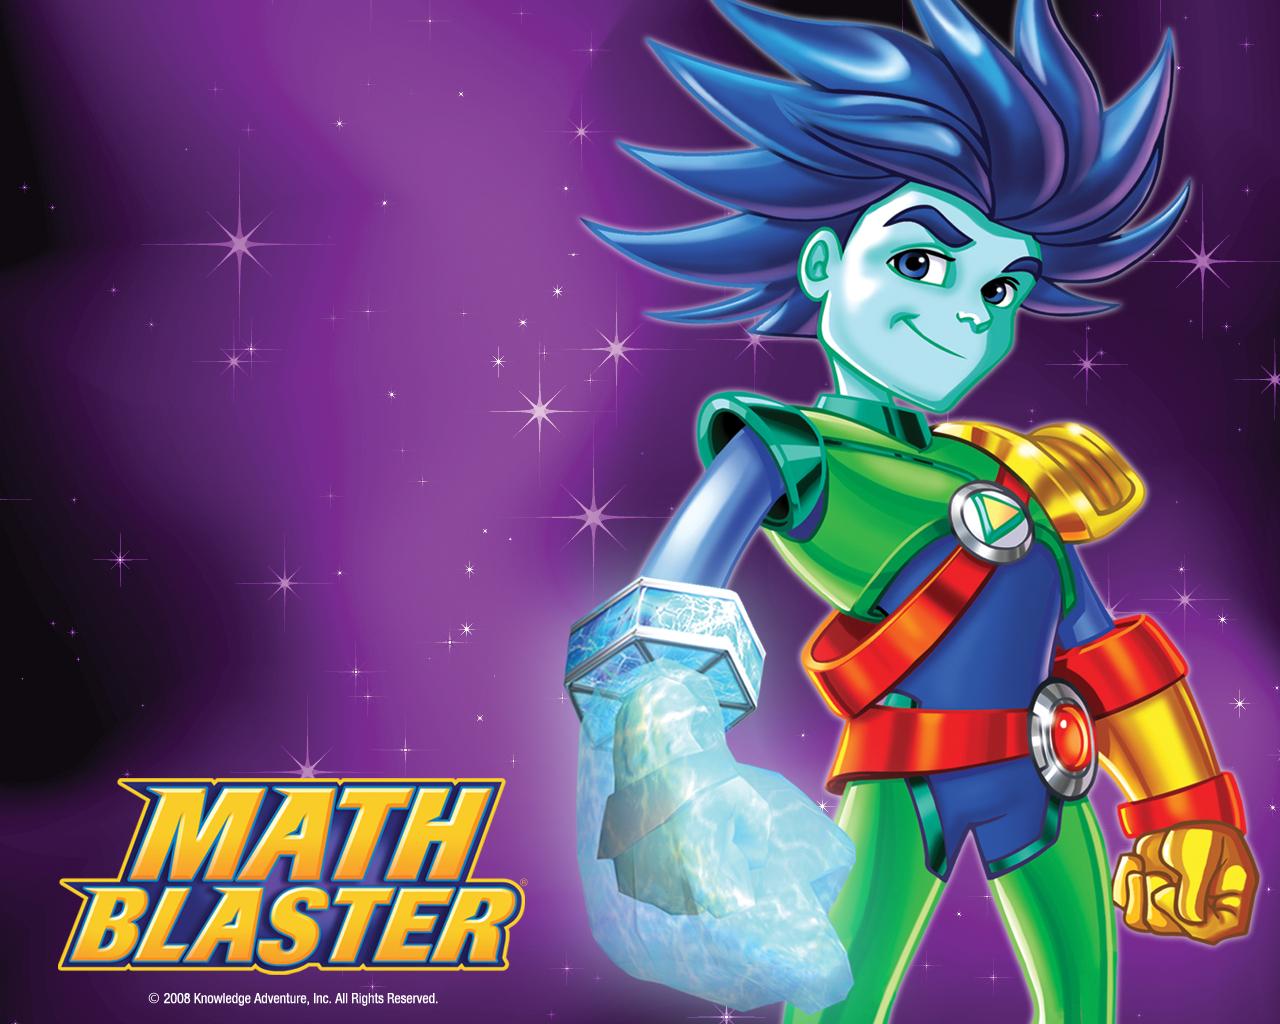 Workbooks math blaster worksheets : Blasternaut | Math Blaster Wiki | FANDOM powered by Wikia